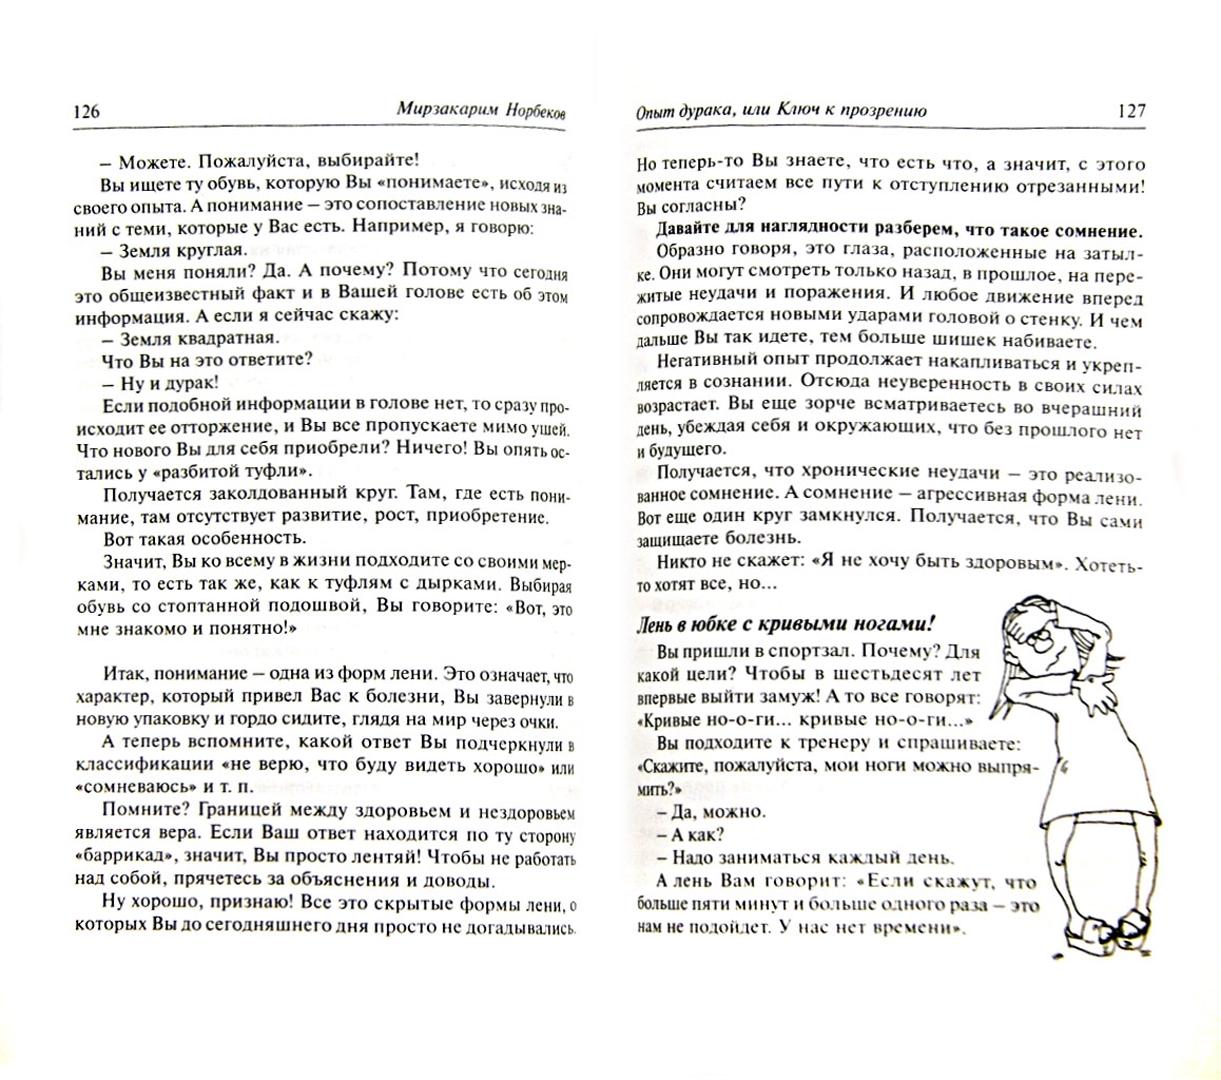 Иллюстрация 1 из 17 для Опыт дурака, или Ключ к прозрению. Как избавиться от очков. Здоровье на всю жизнь - Мирзакарим Норбеков | Лабиринт - книги. Источник: Лабиринт